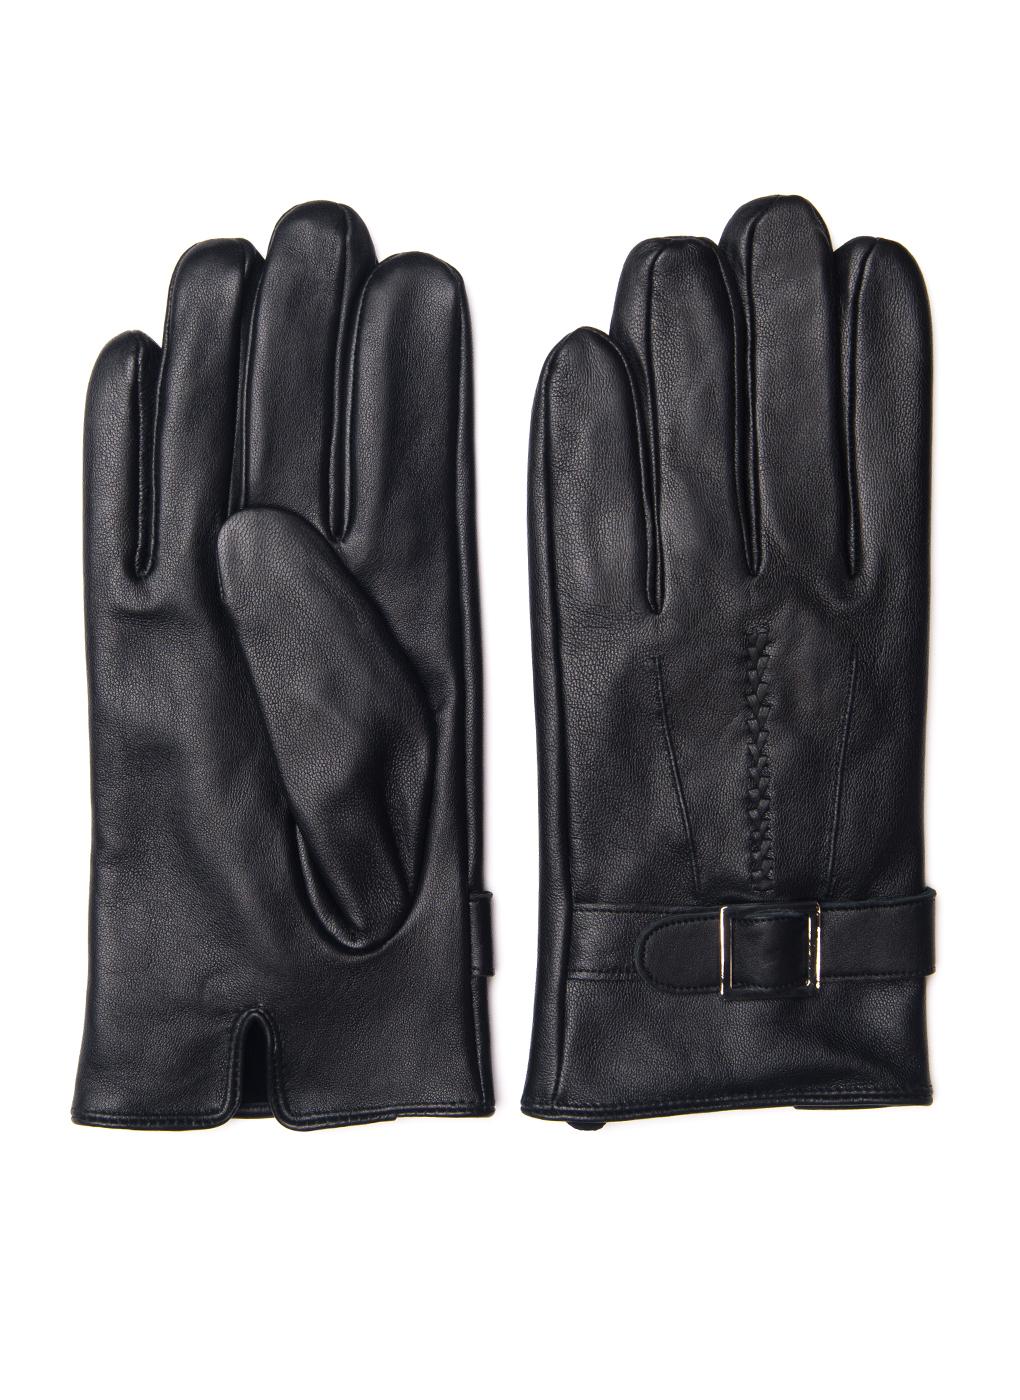 Перчатки кожаные мужские 09, Hannelore фото